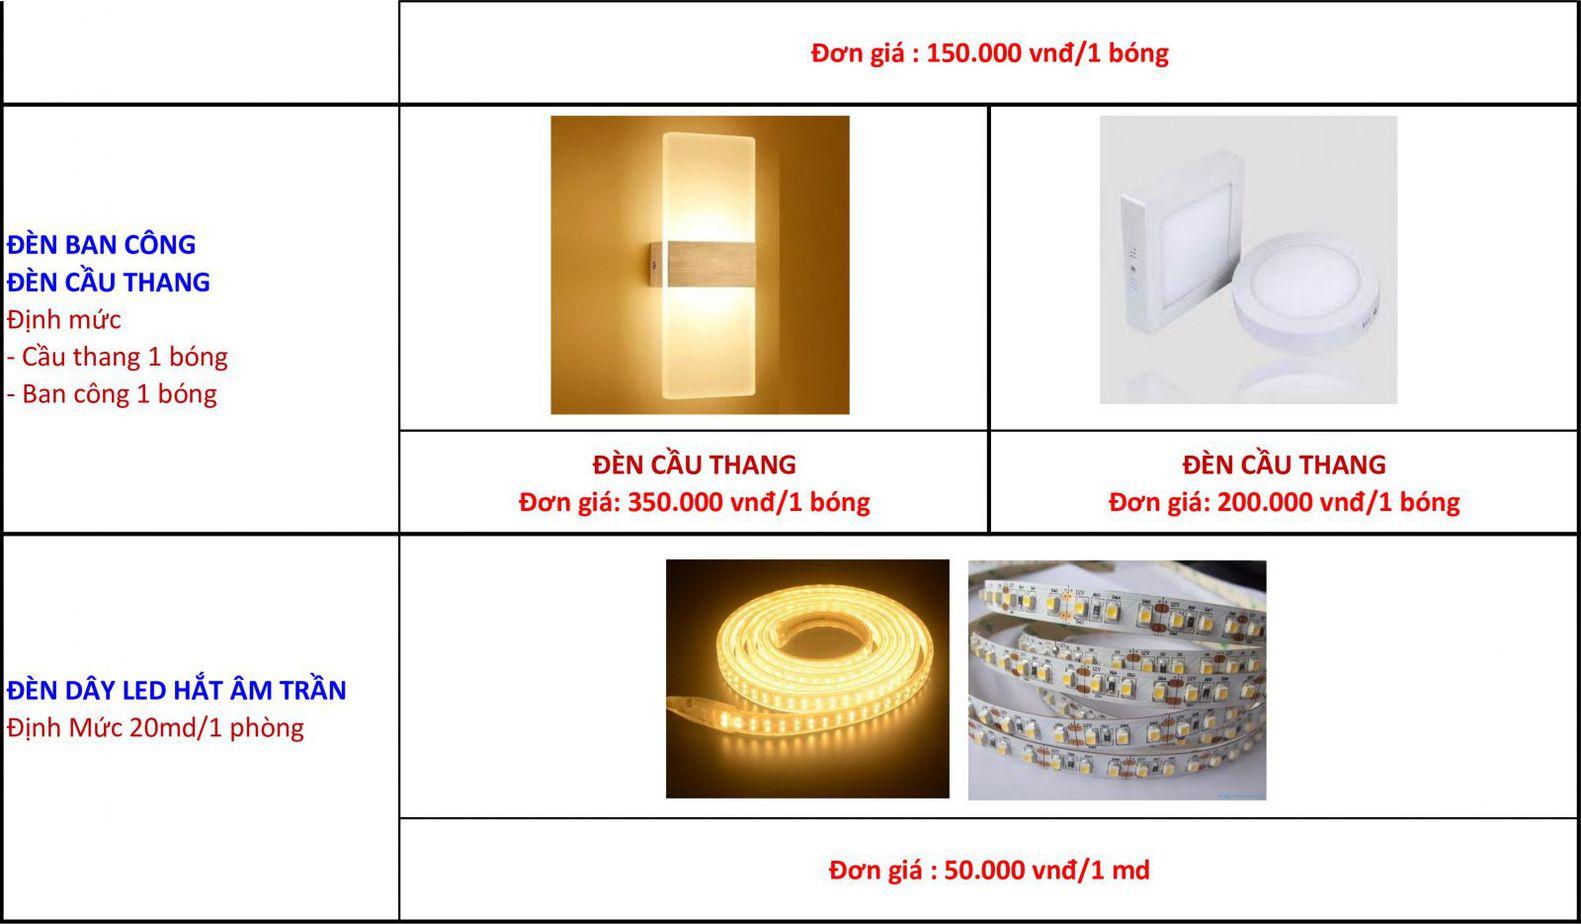 Bảng thống kê báo giá vật tư đèn điện, đèn led hoàn thiện nhà nâng tầng ở tphcm sài gòn